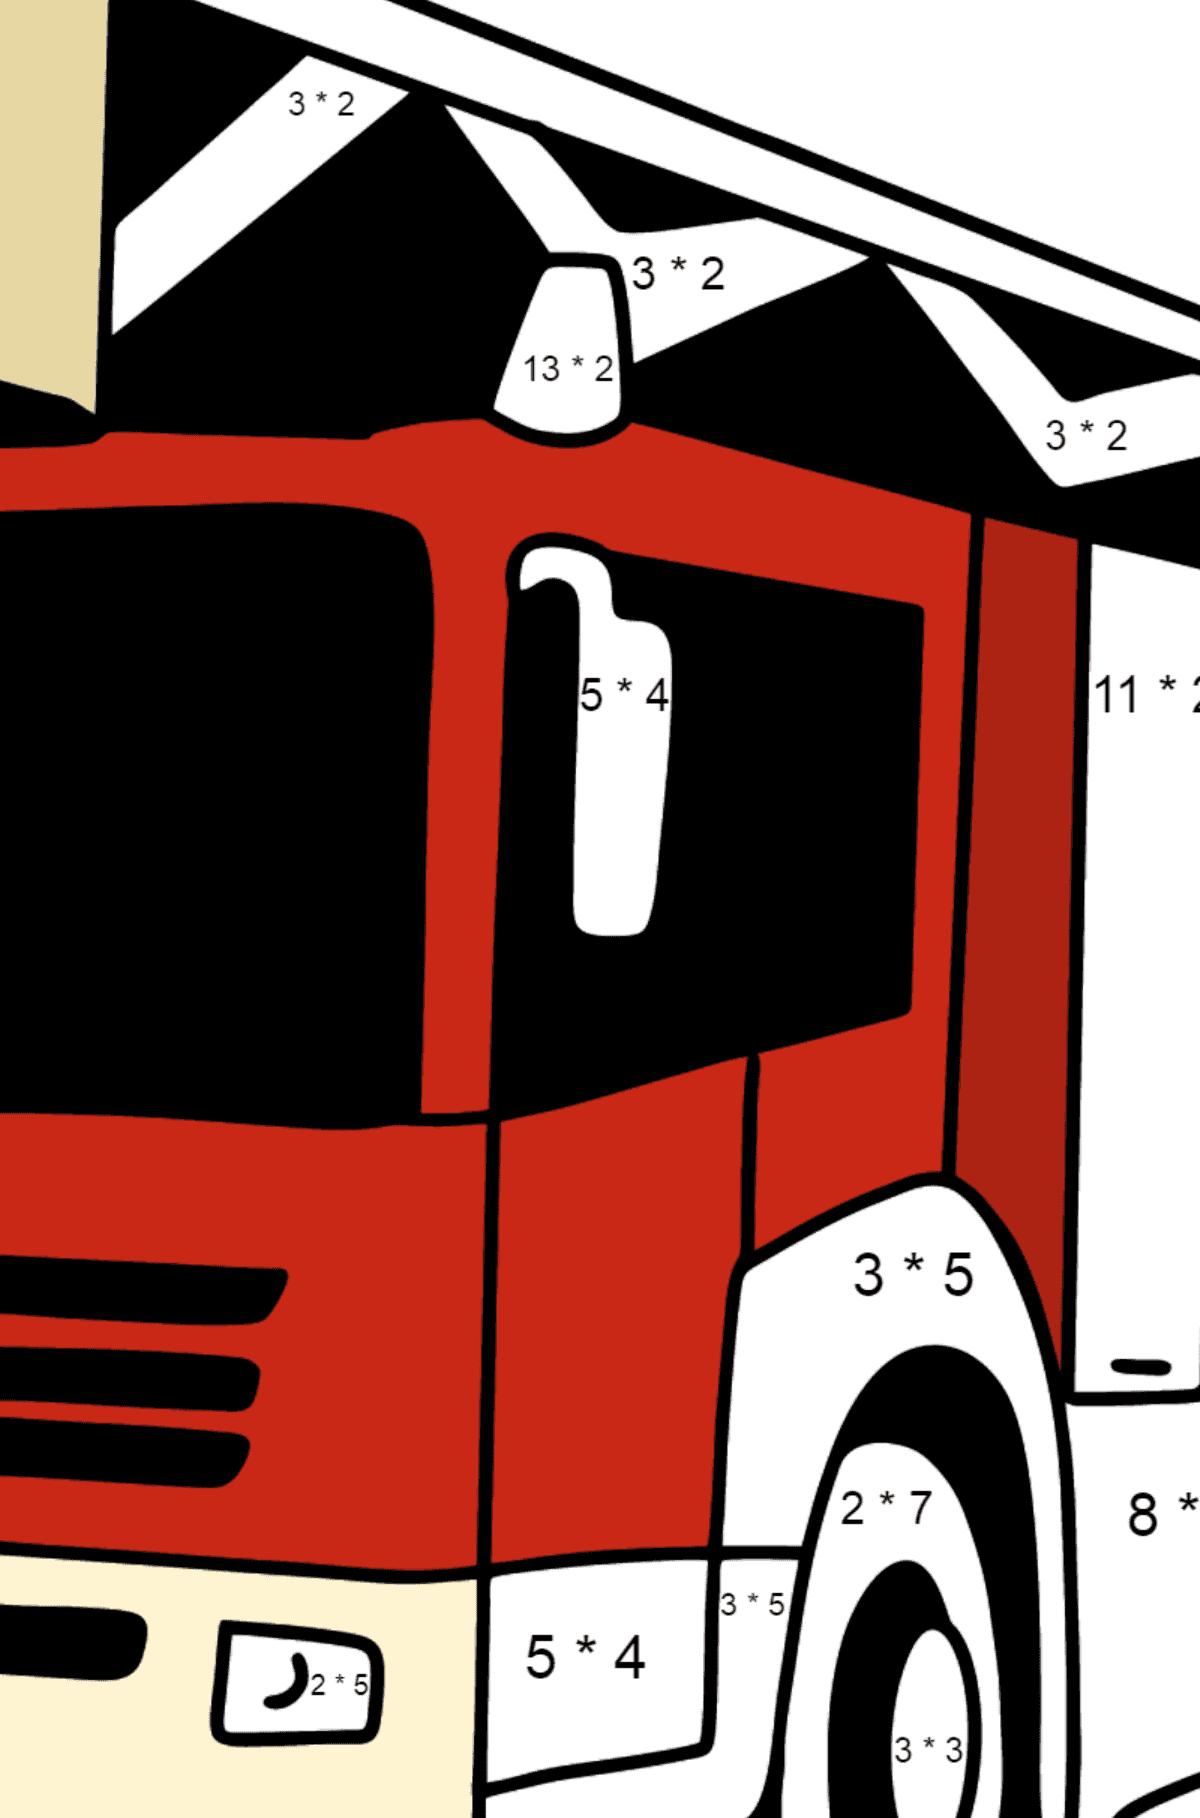 Раскраска Пожарная машина в Германия - Математическая Раскраска - Умножение для Детей